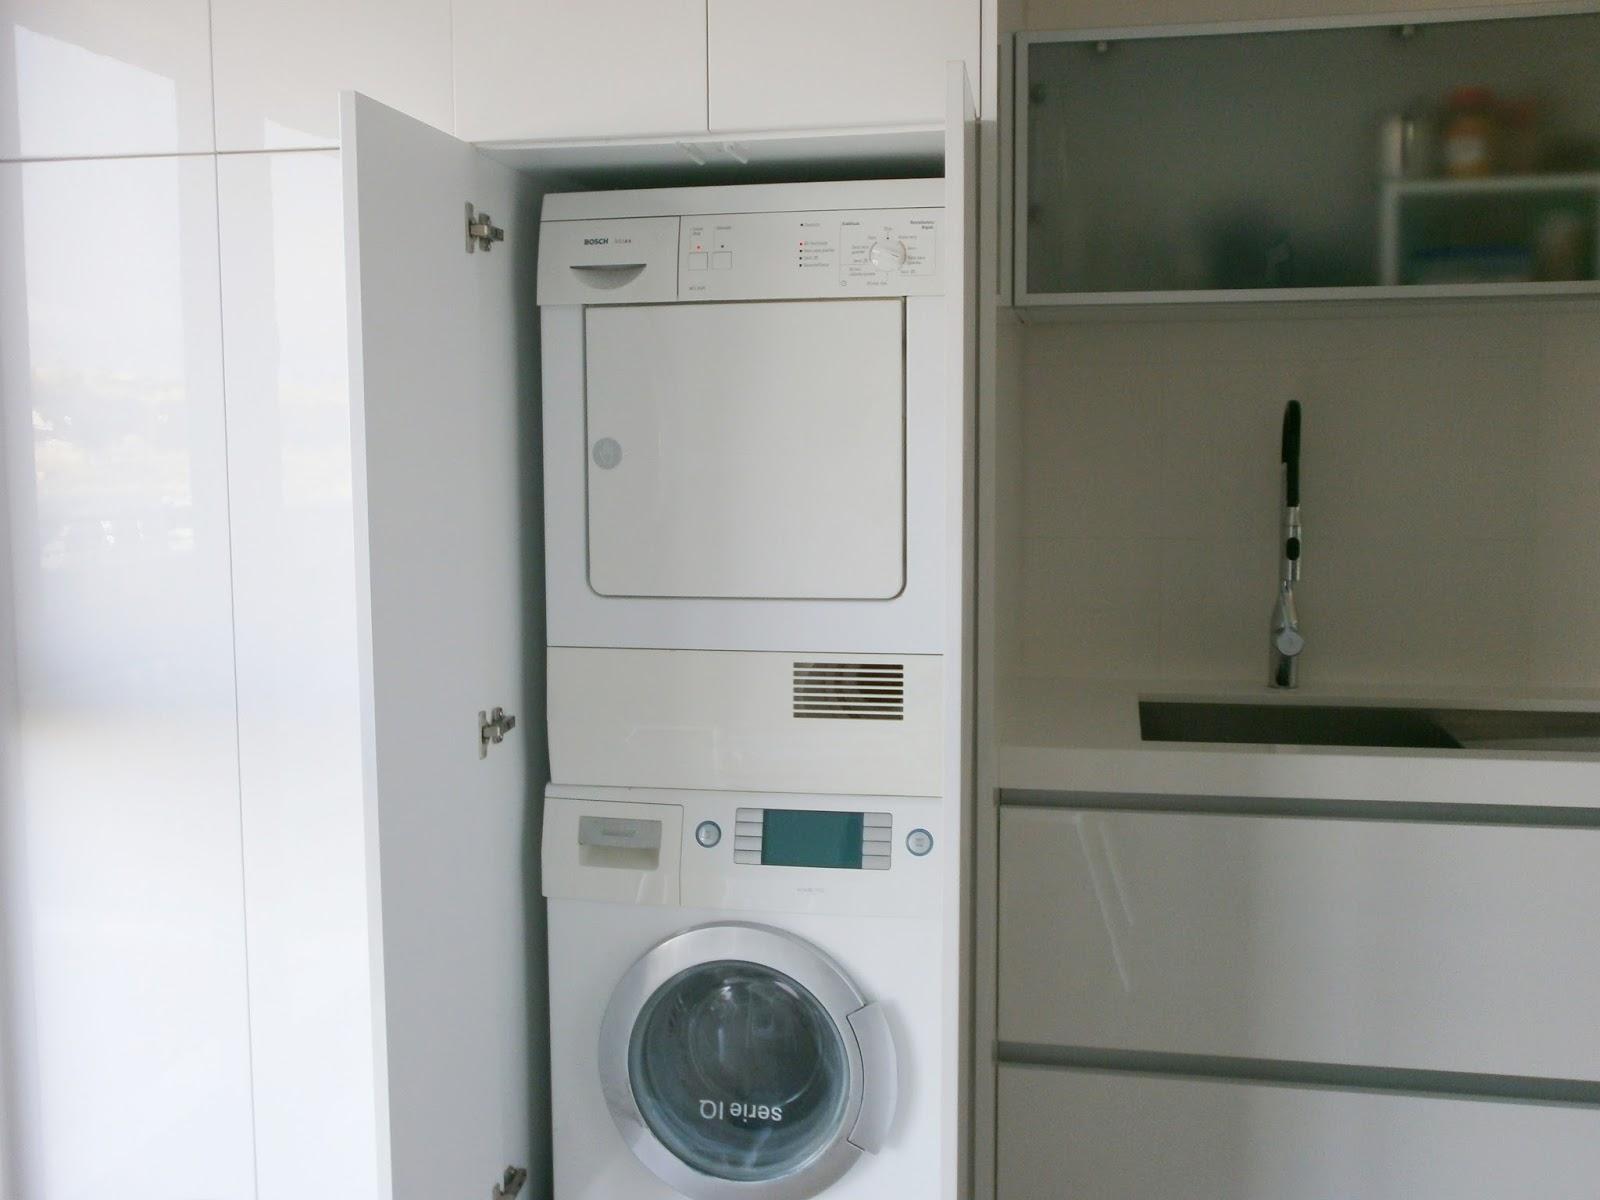 la lavadora y secadora estn en la cocina en una columna diseada para ello con una profundidad y ancho especial al lado de otro armario